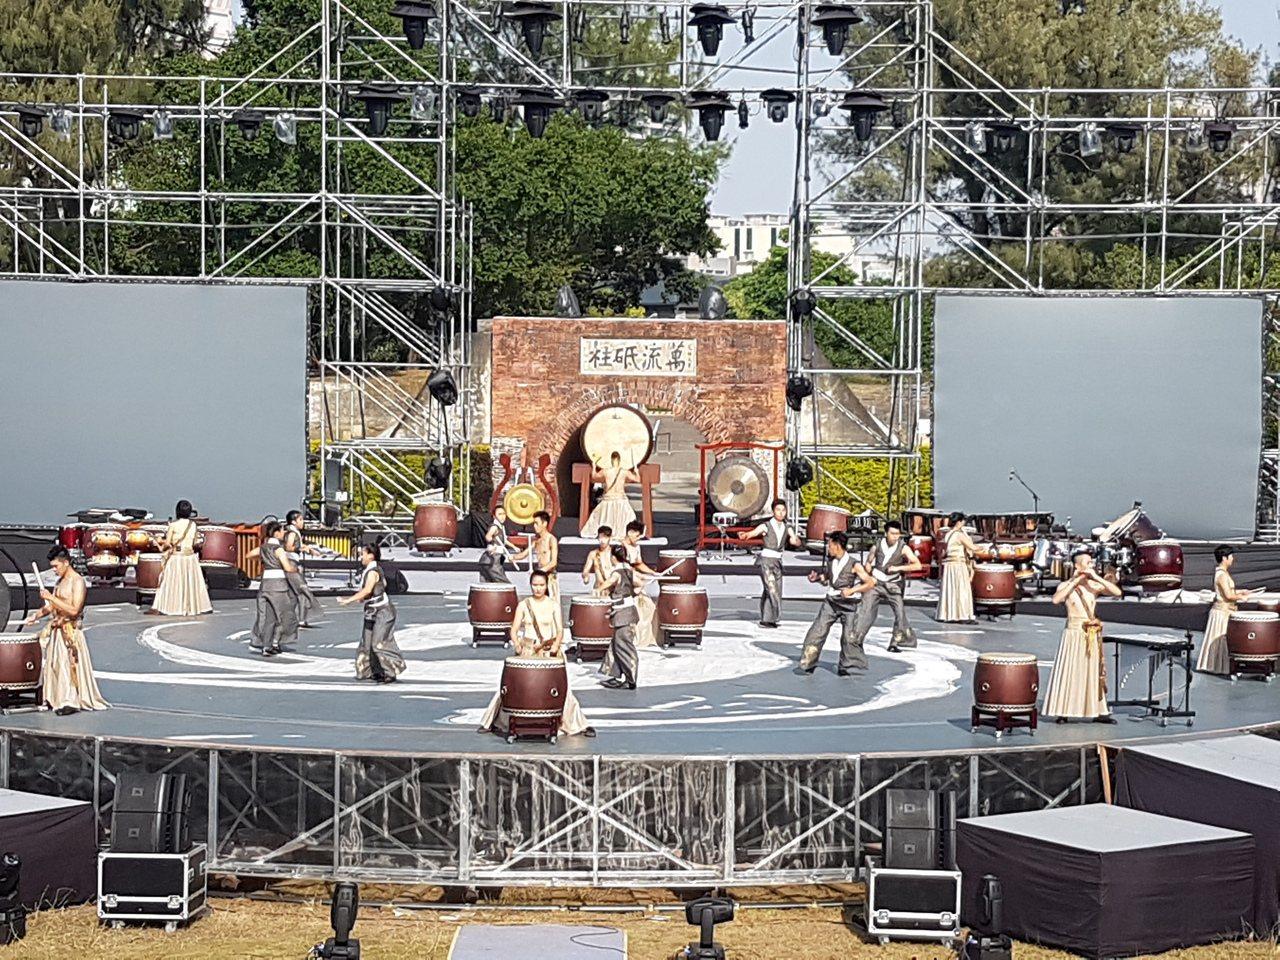 十鼓擊樂團打造國內最大的雙旋舞台, 直徑長達18公尺。記者修瑞瑩╱攝影